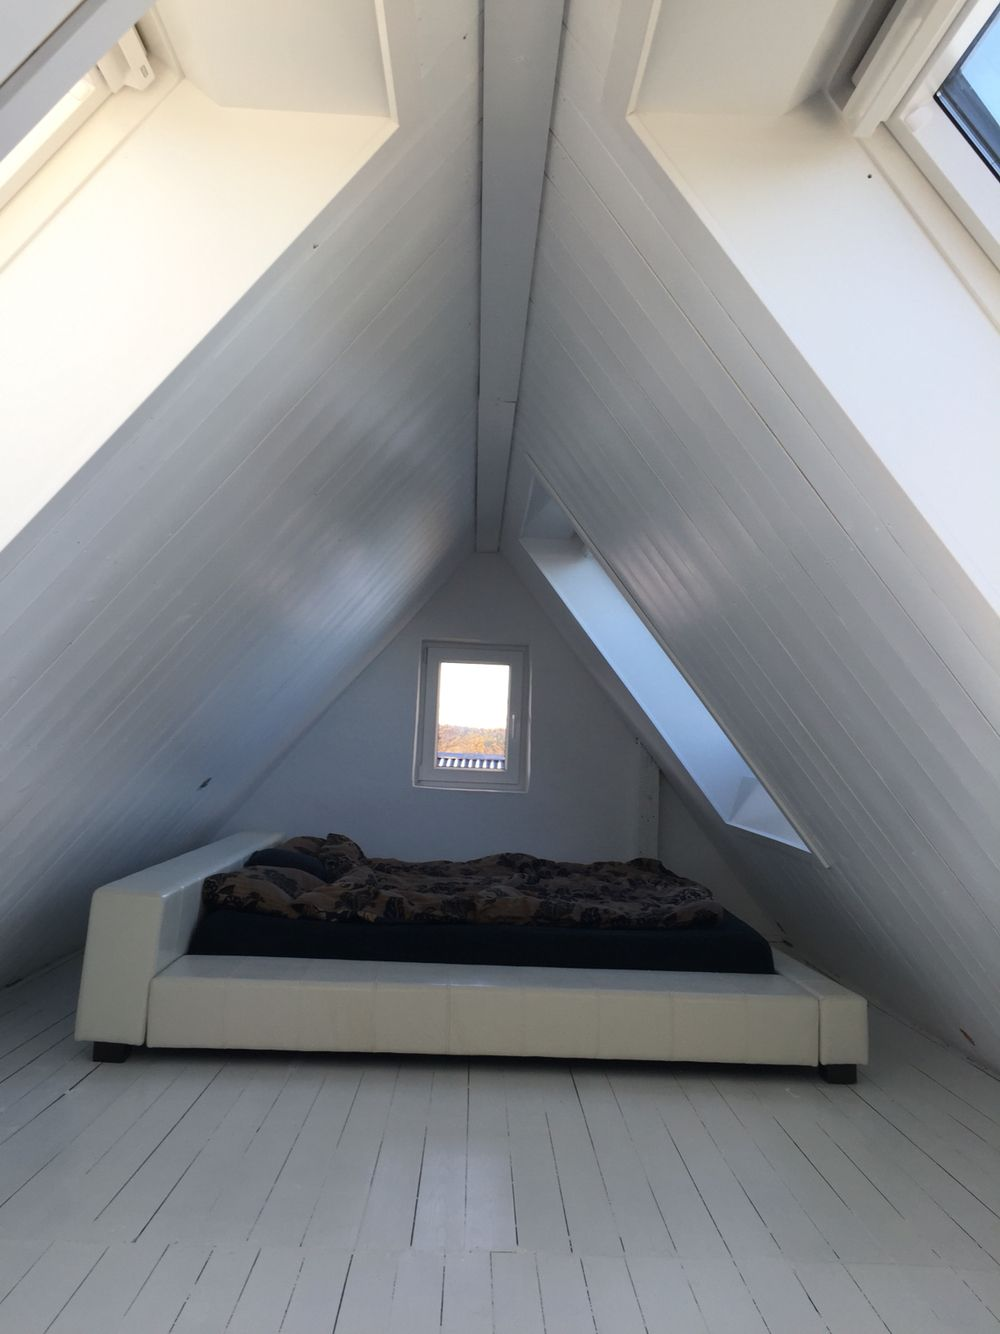 Bett Sternenhimmel ein bett unter dem sternenhimmel dachausbau ideen rund ums haus